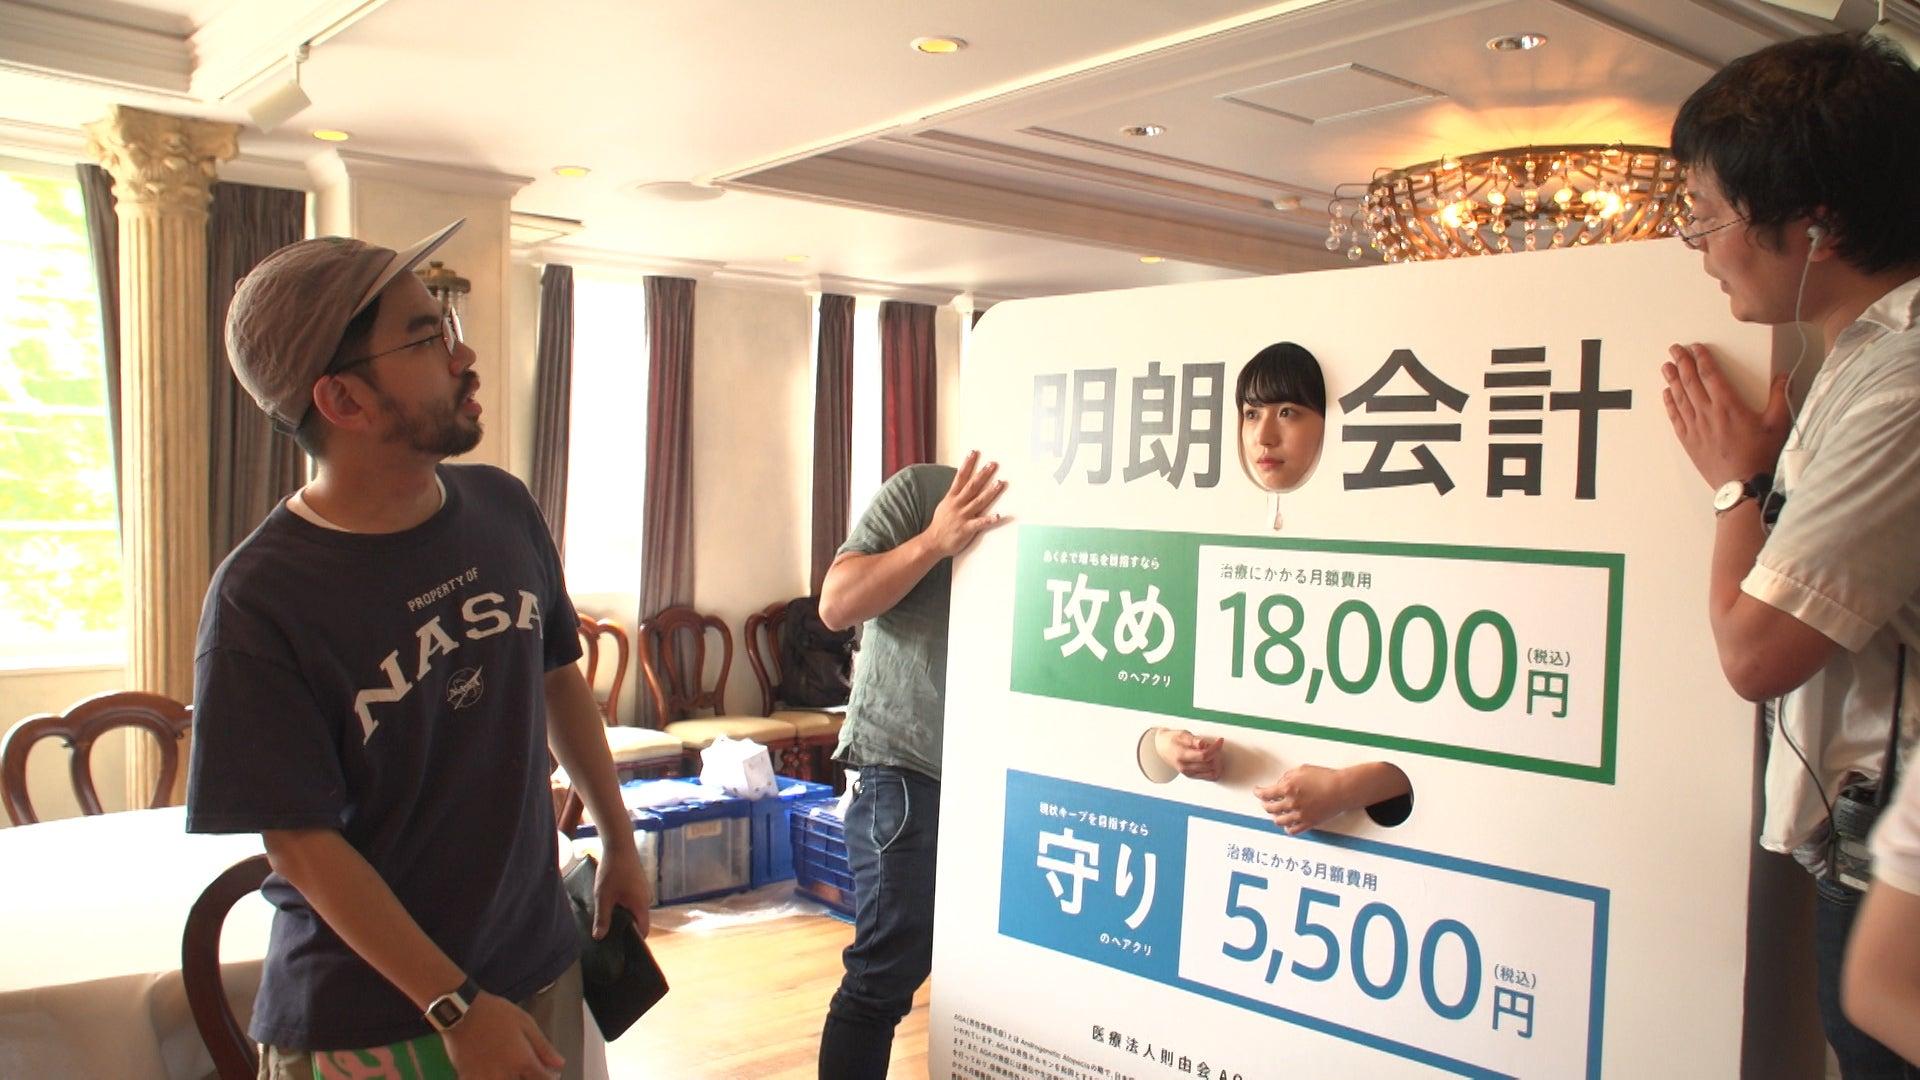 【欅坂46】長濱ねる応援スレ★38【ねるちゃん】 YouTube動画>5本 ->画像>354枚